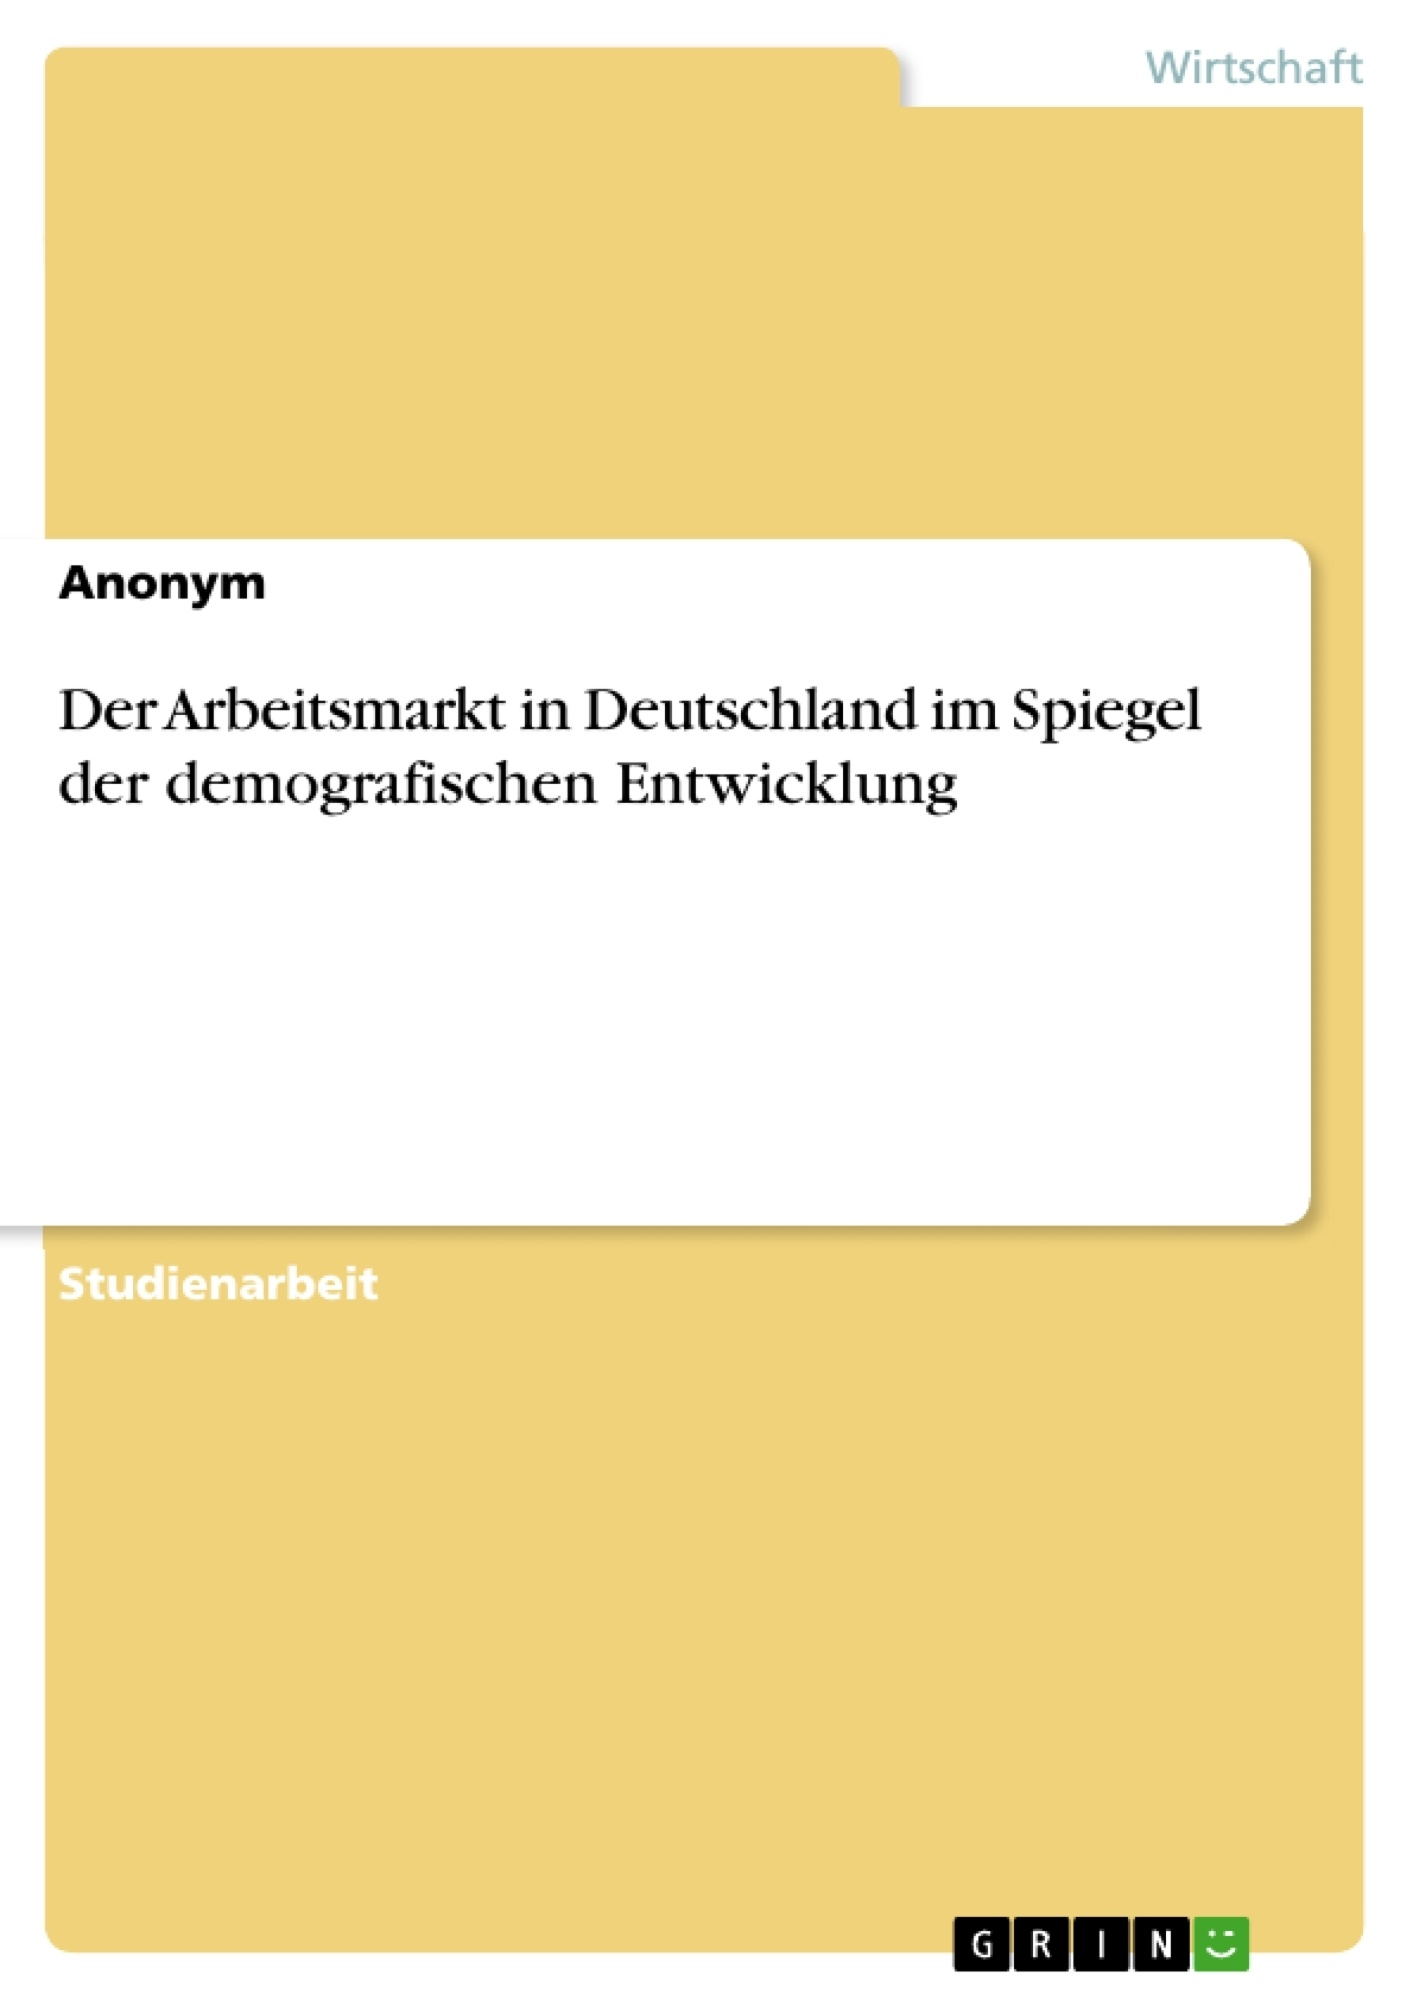 Titel: Der Arbeitsmarkt in Deutschland im Spiegel der demografischen Entwicklung